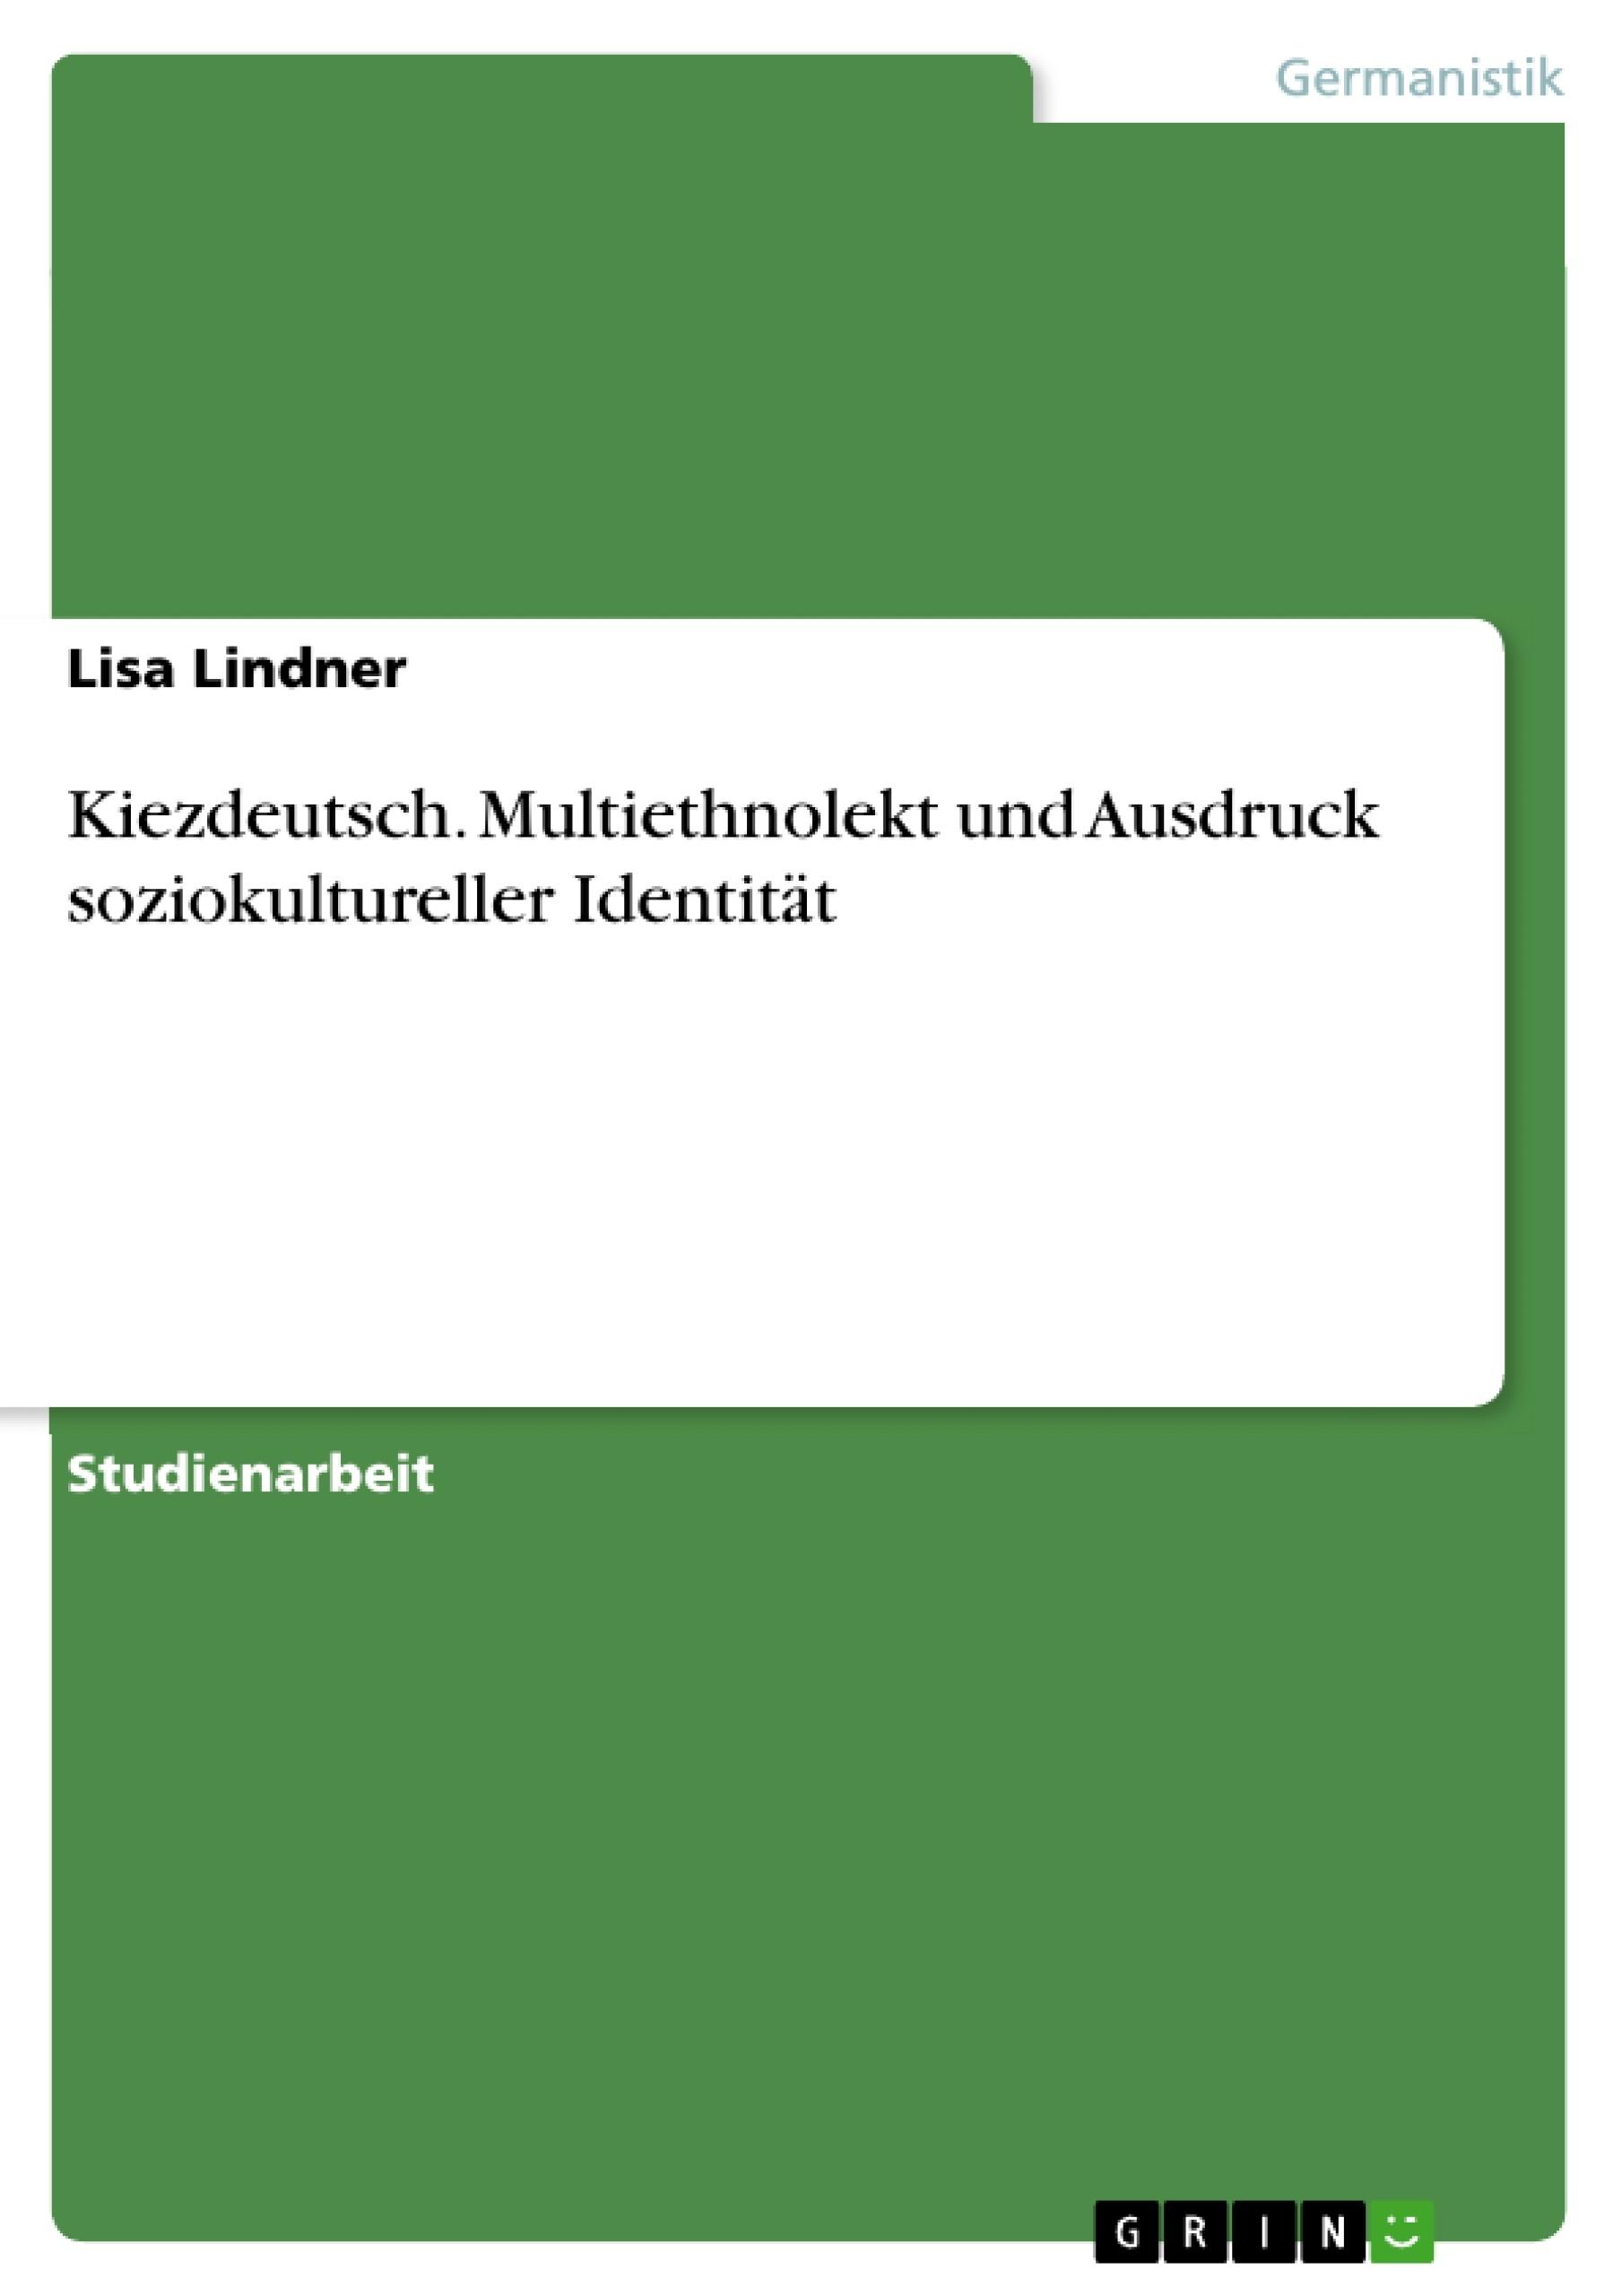 Titel: Kiezdeutsch. Multiethnolekt und Ausdruck soziokultureller Identität